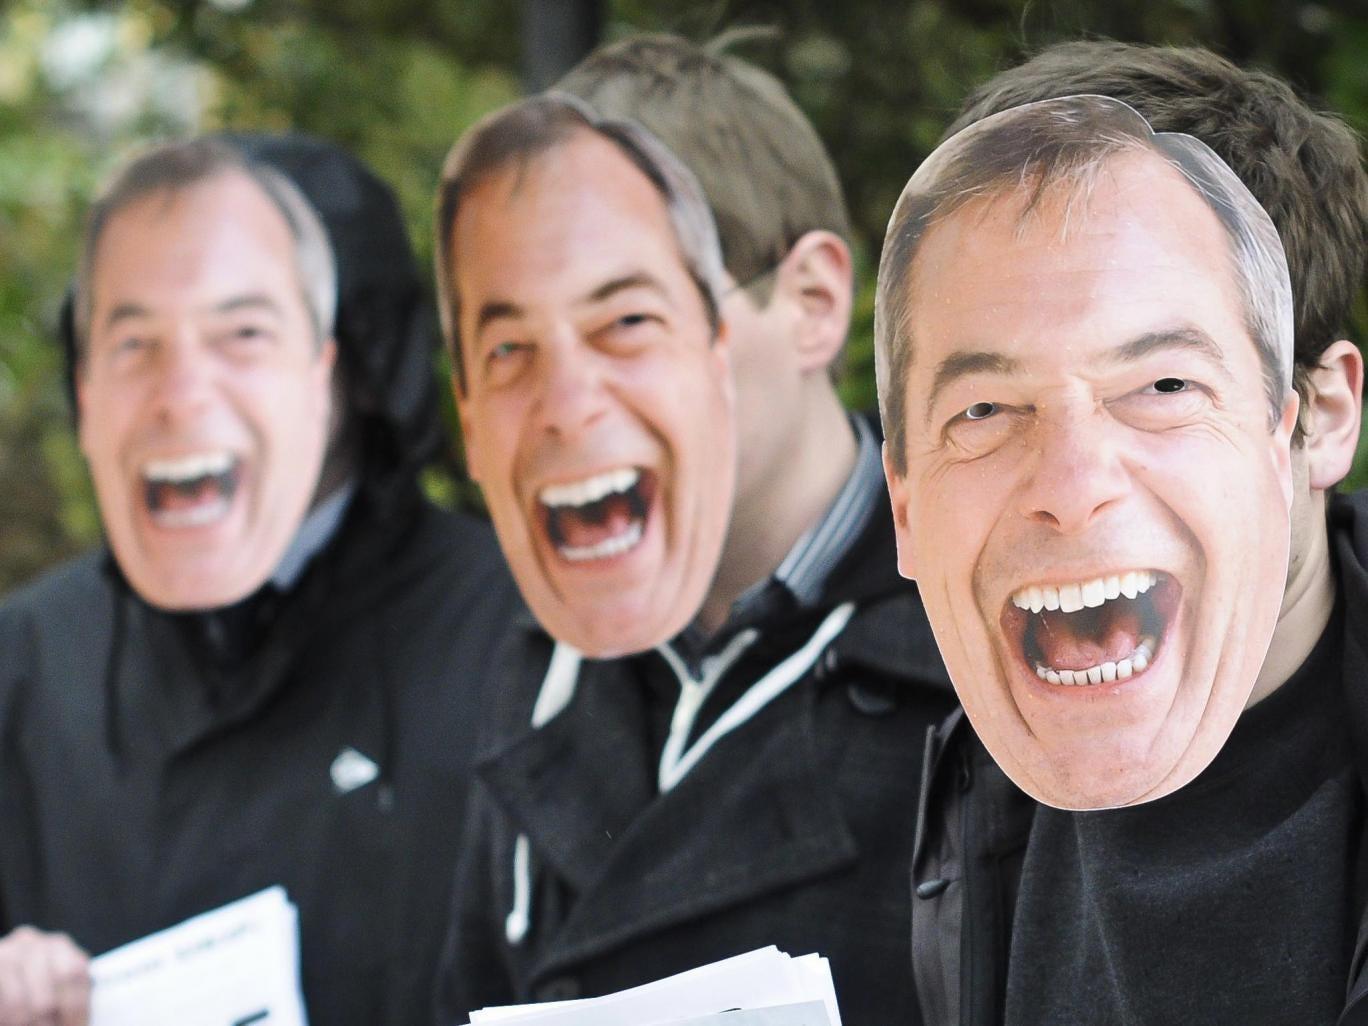 Nigel Farage masks worn at the spring conference